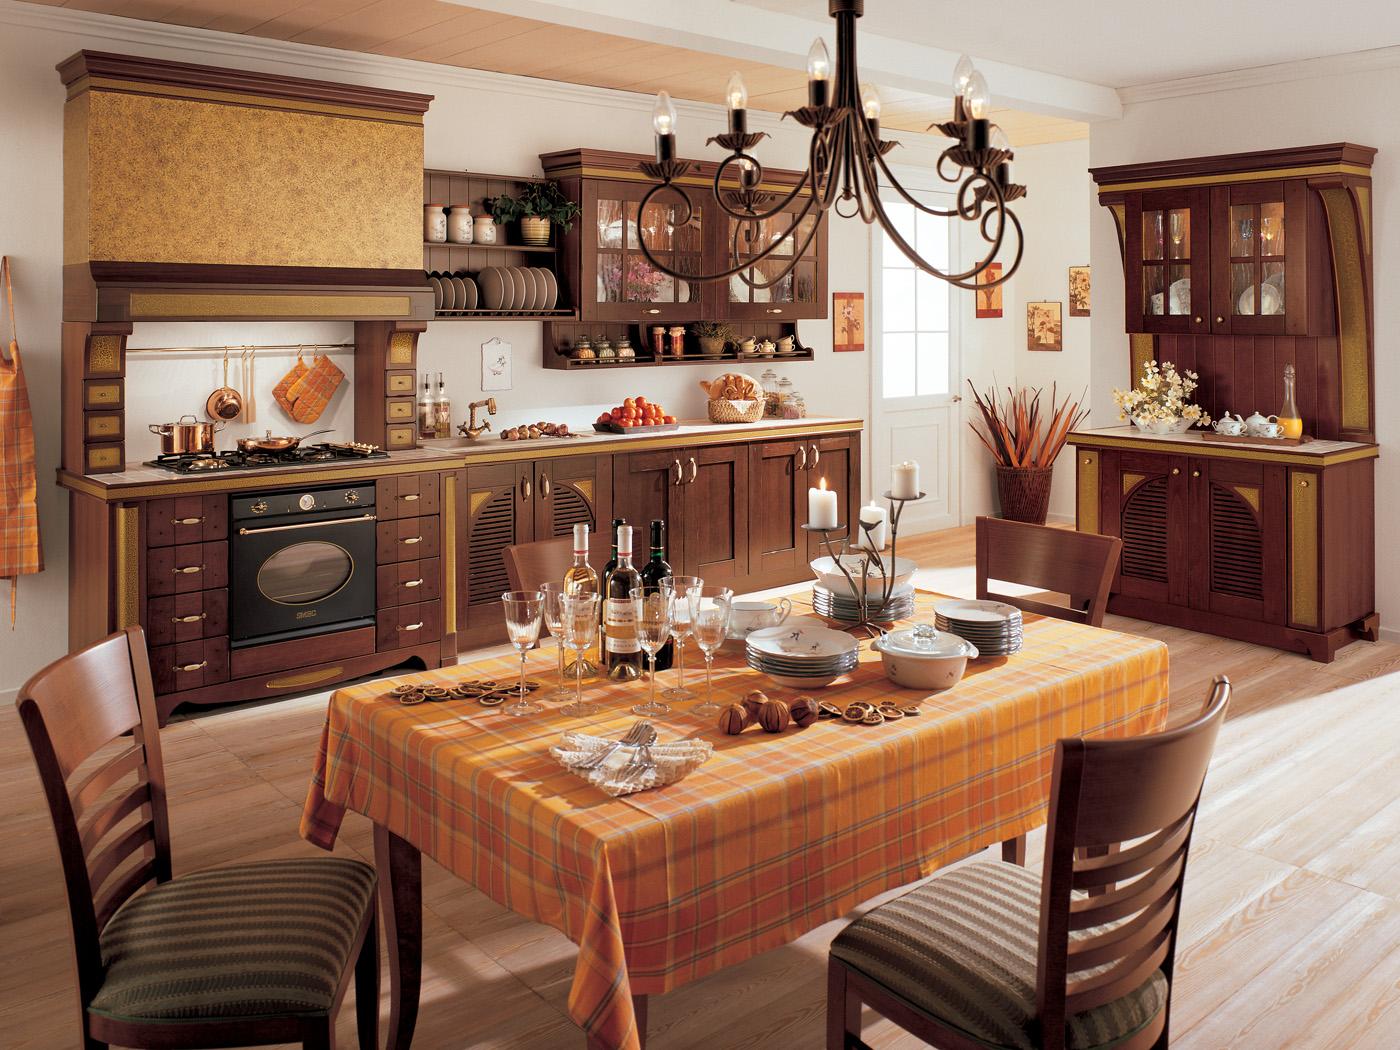 Оранжево-коричневая кухонная мебель в стиле кантри